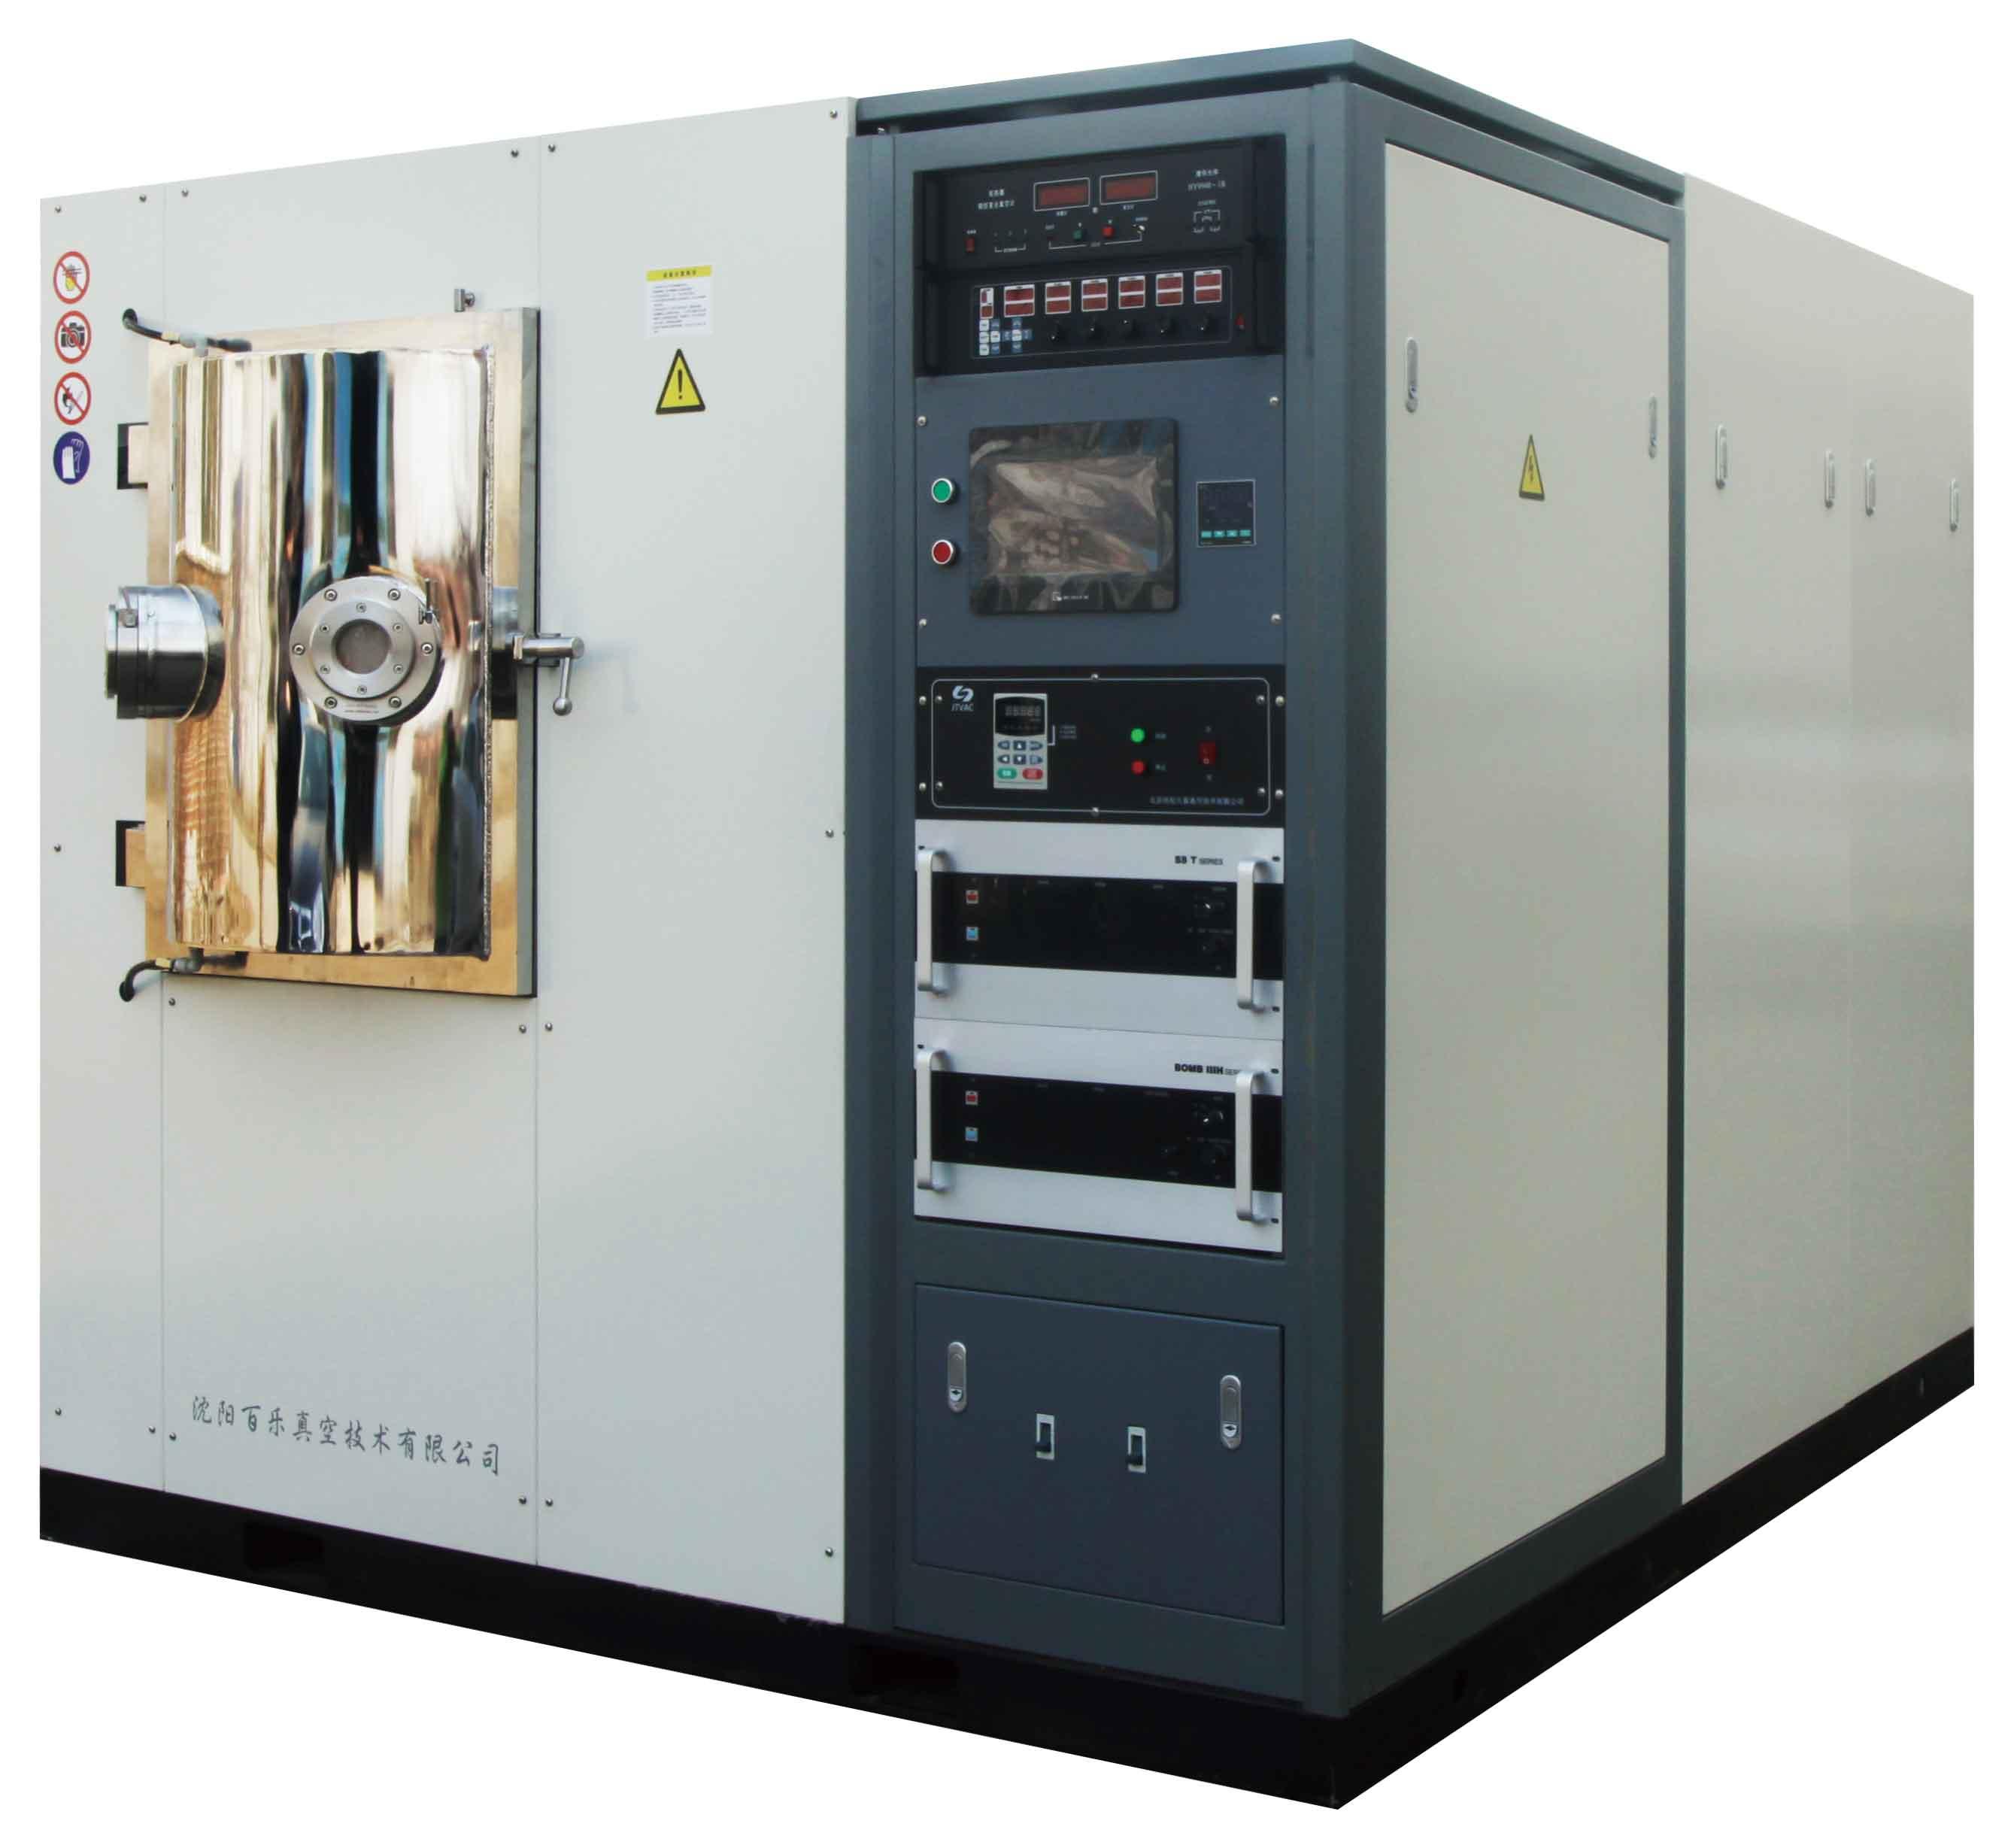 PVD-6570磁控濺射刀片鍍膜機